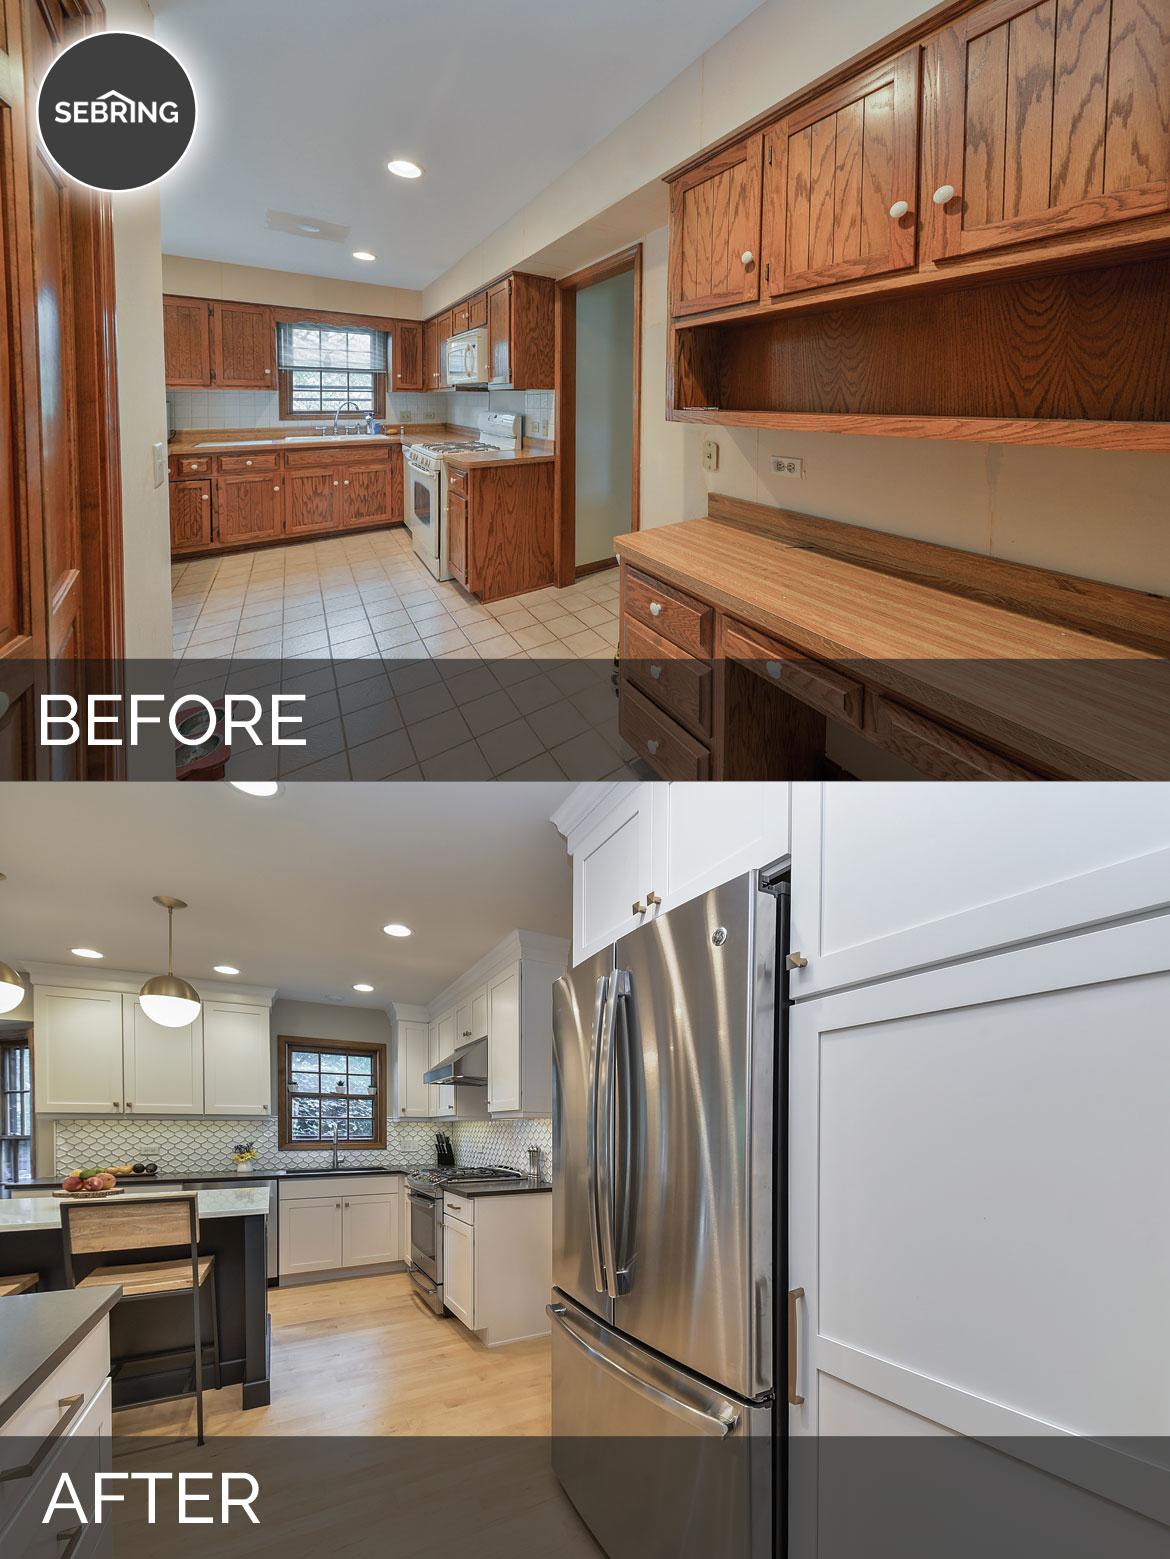 Before & After Kitchen Naperville - Sebring Design Build